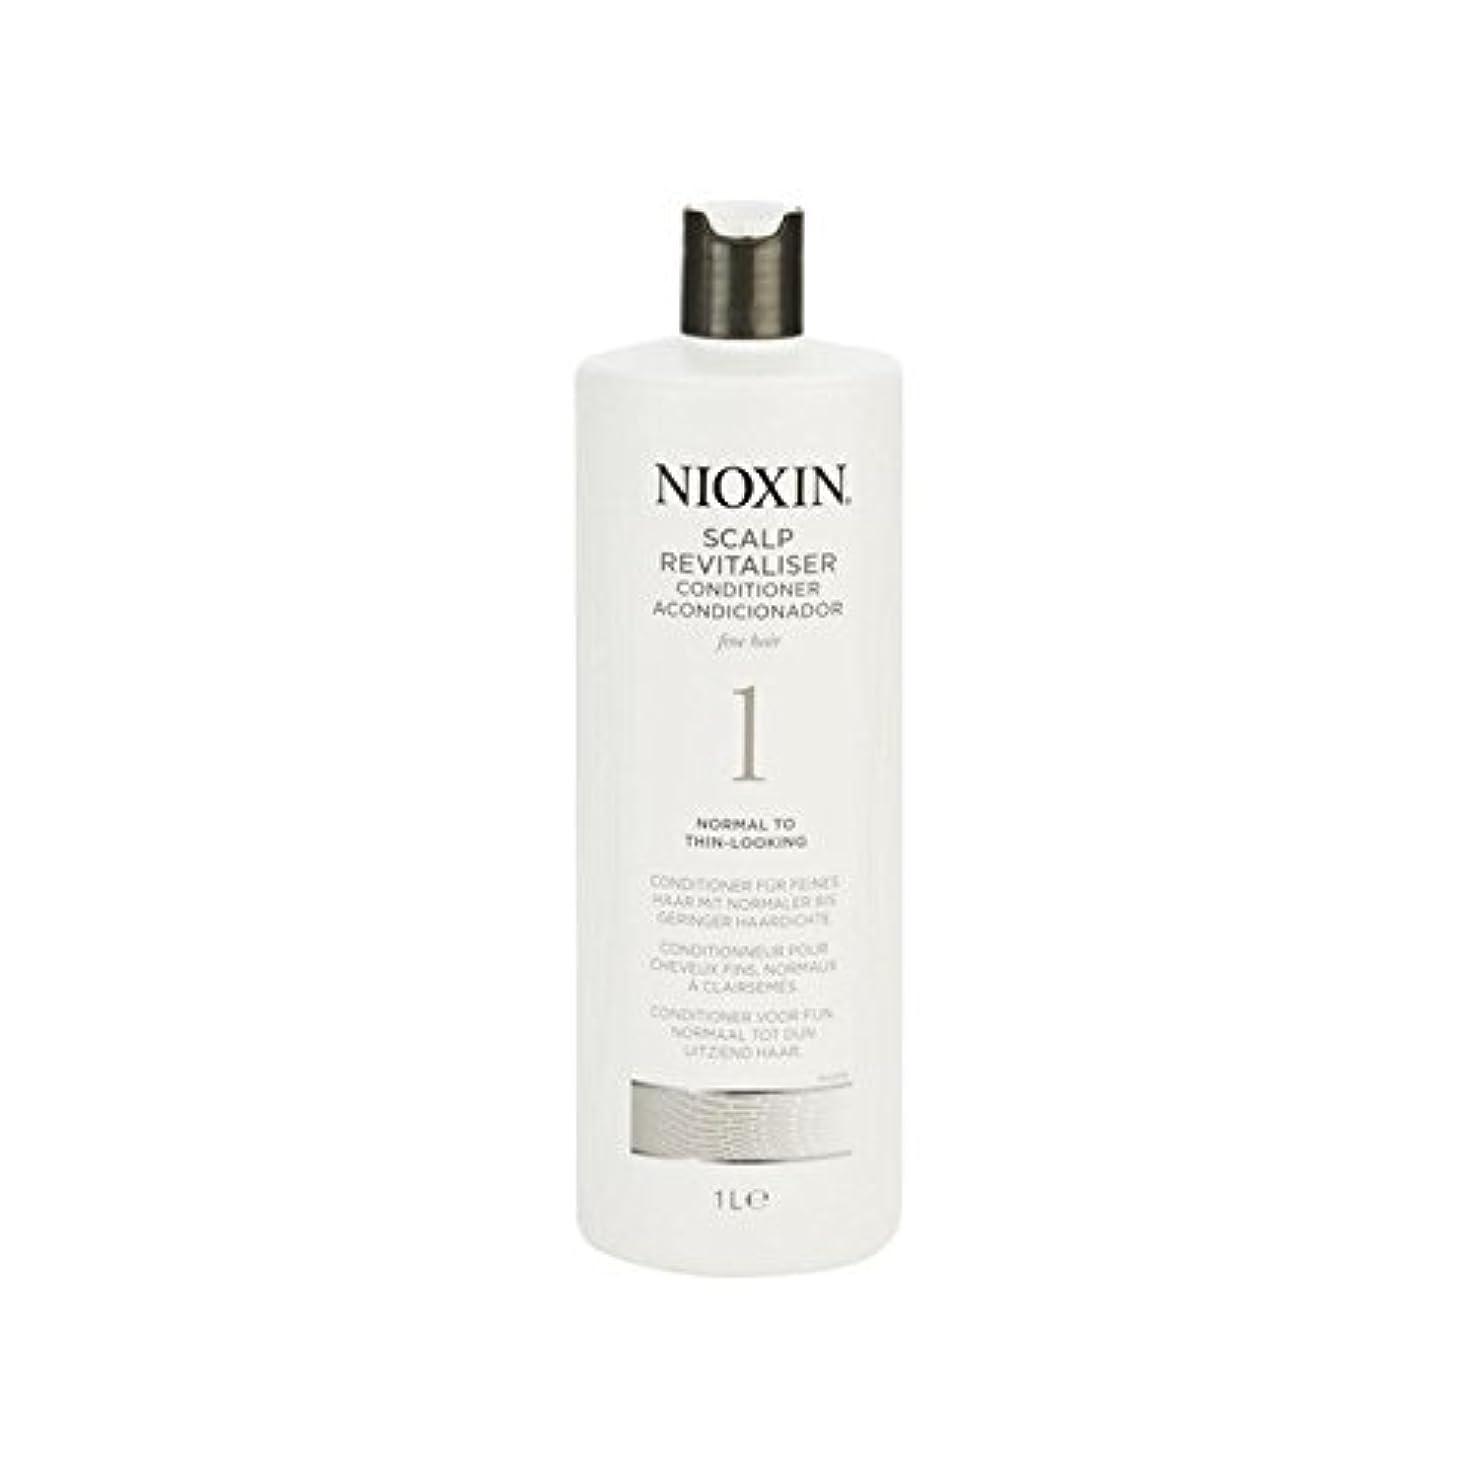 父方のトランジスタアシュリータファーマンNioxin System 1 Scalp Revitaliser Conditioner For Normal To Fine Natural Hair 1000ml (Pack of 6) - 細かい自然な髪千ミリリットルに、通常のためニオキシンシステム1人の頭皮コンディショナー x6 [並行輸入品]